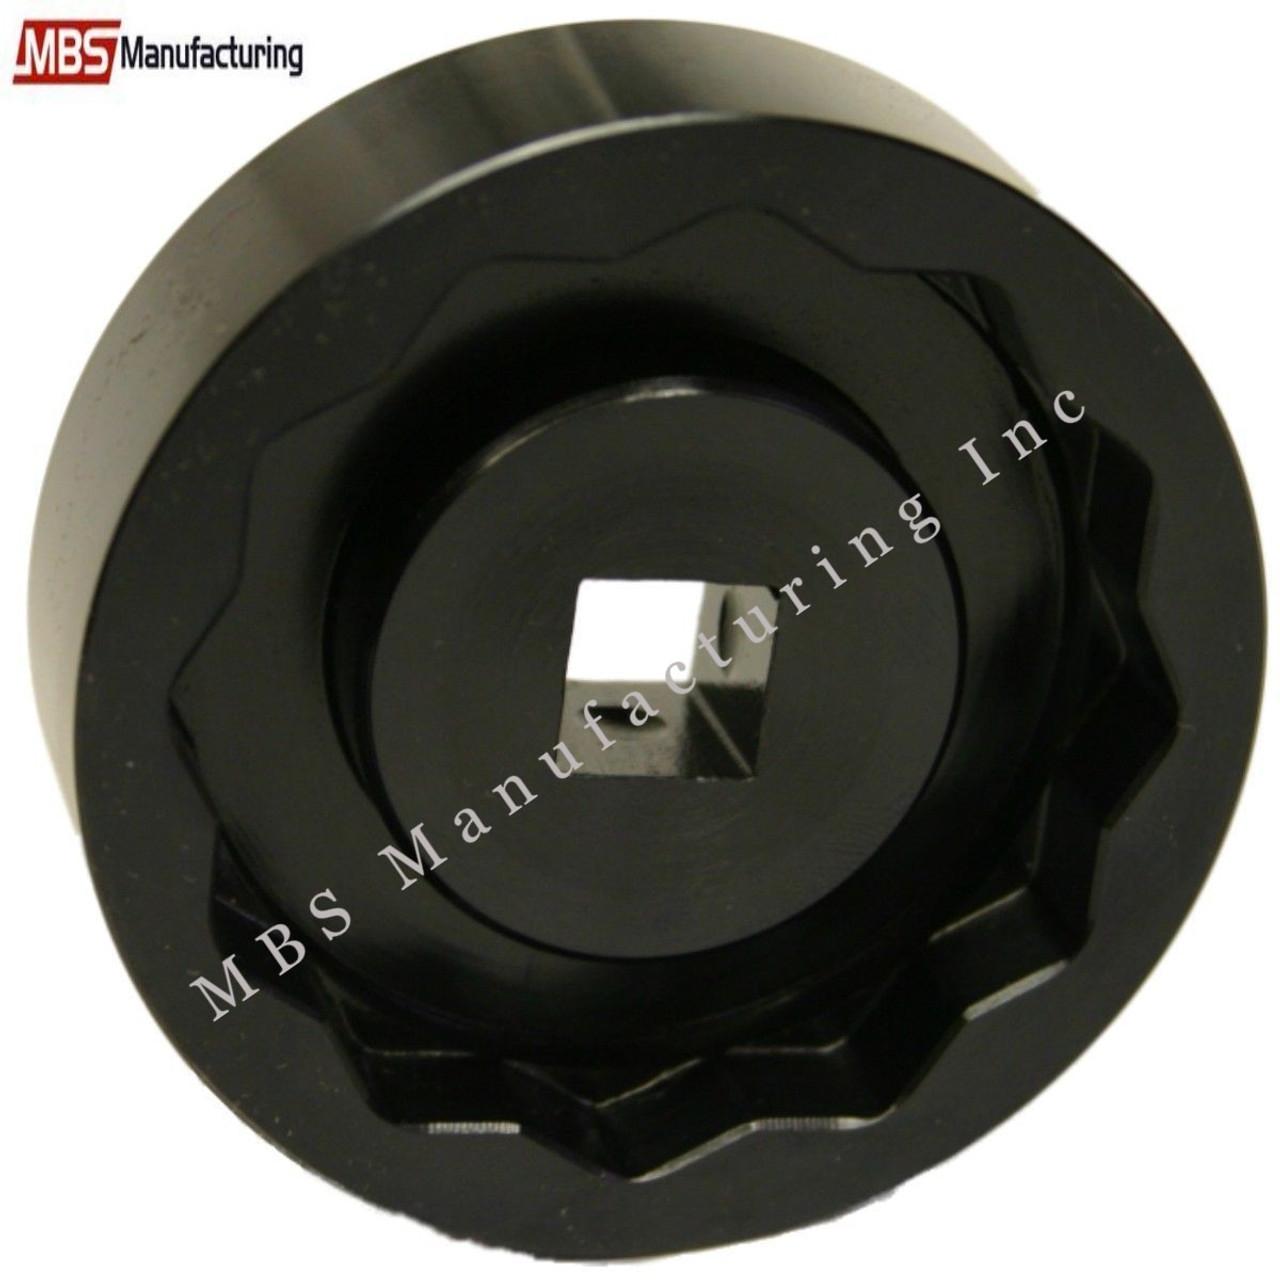 Ducati 1098 55mm Rear Axle 30mm Nut Socket Tool STEEL